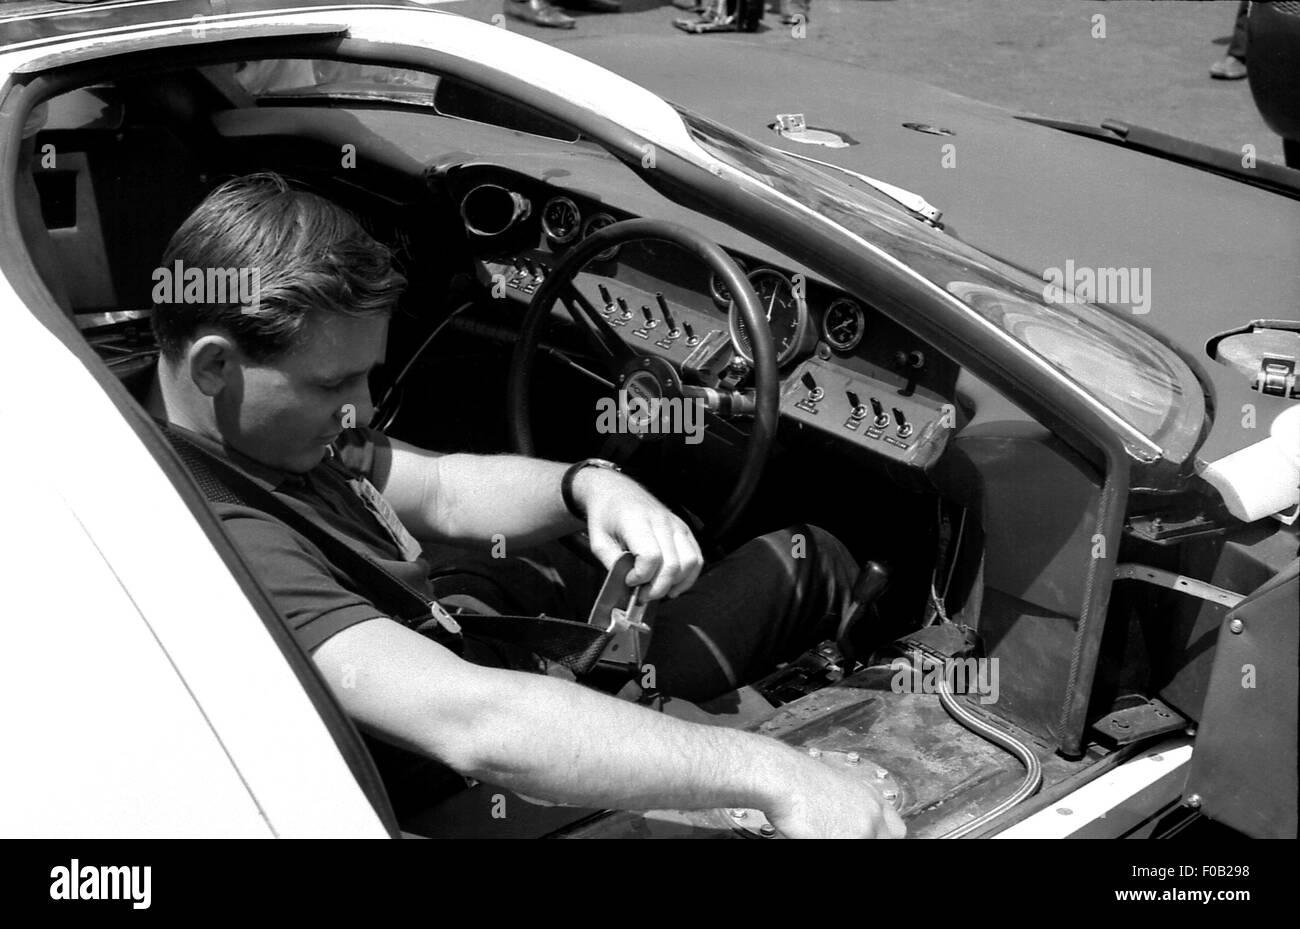 Le Mans 1965 - Stock Image